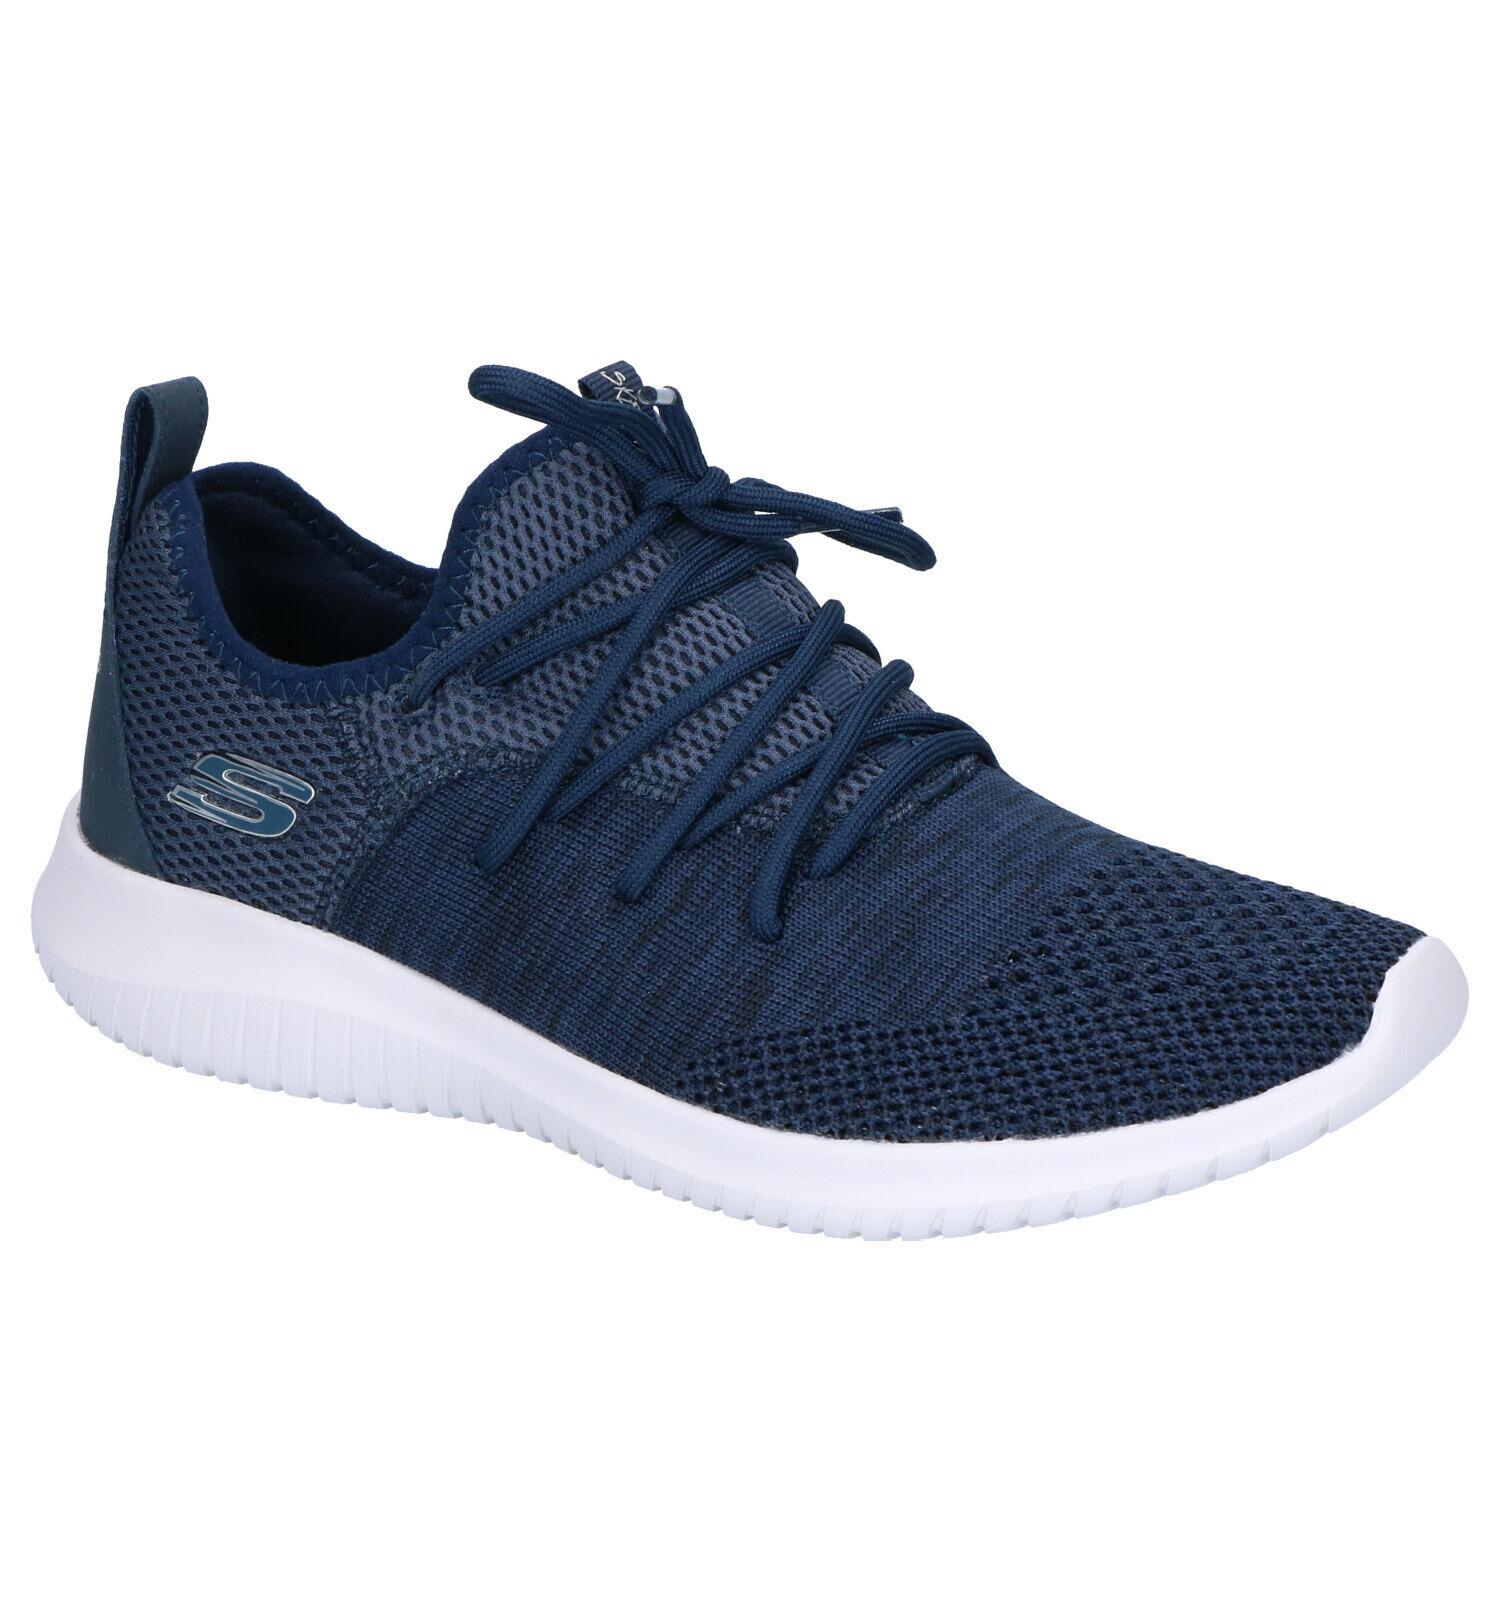 Skechers skech knit sneakers